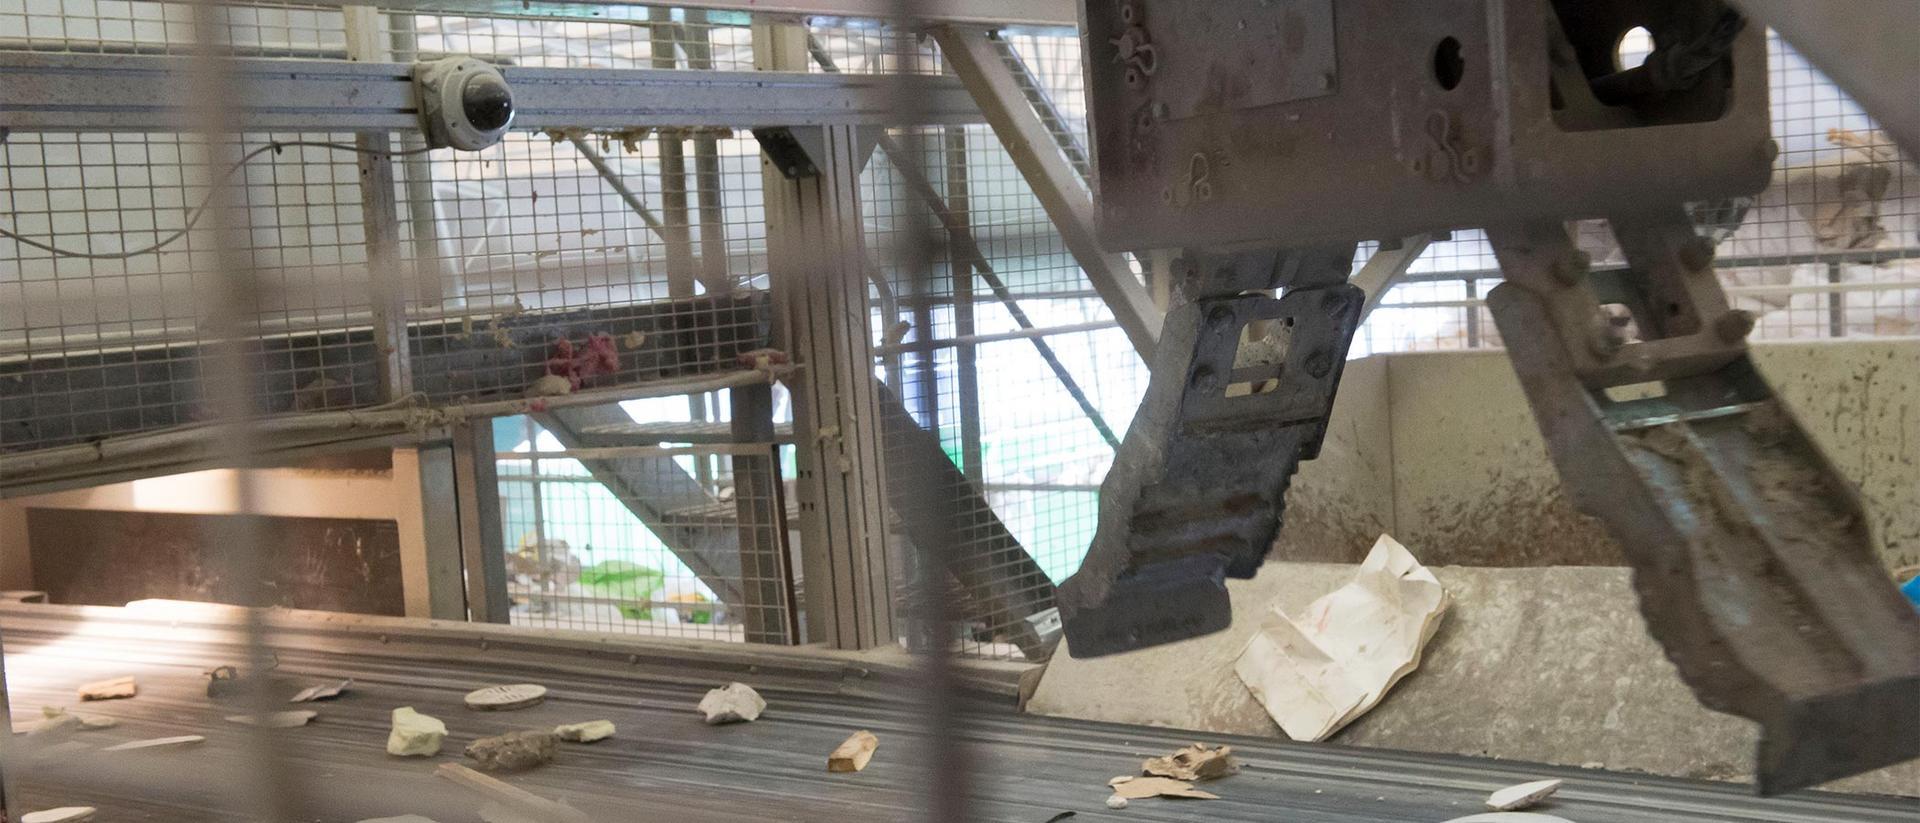 Robotti käsittelee kierrätysmateriaaleja